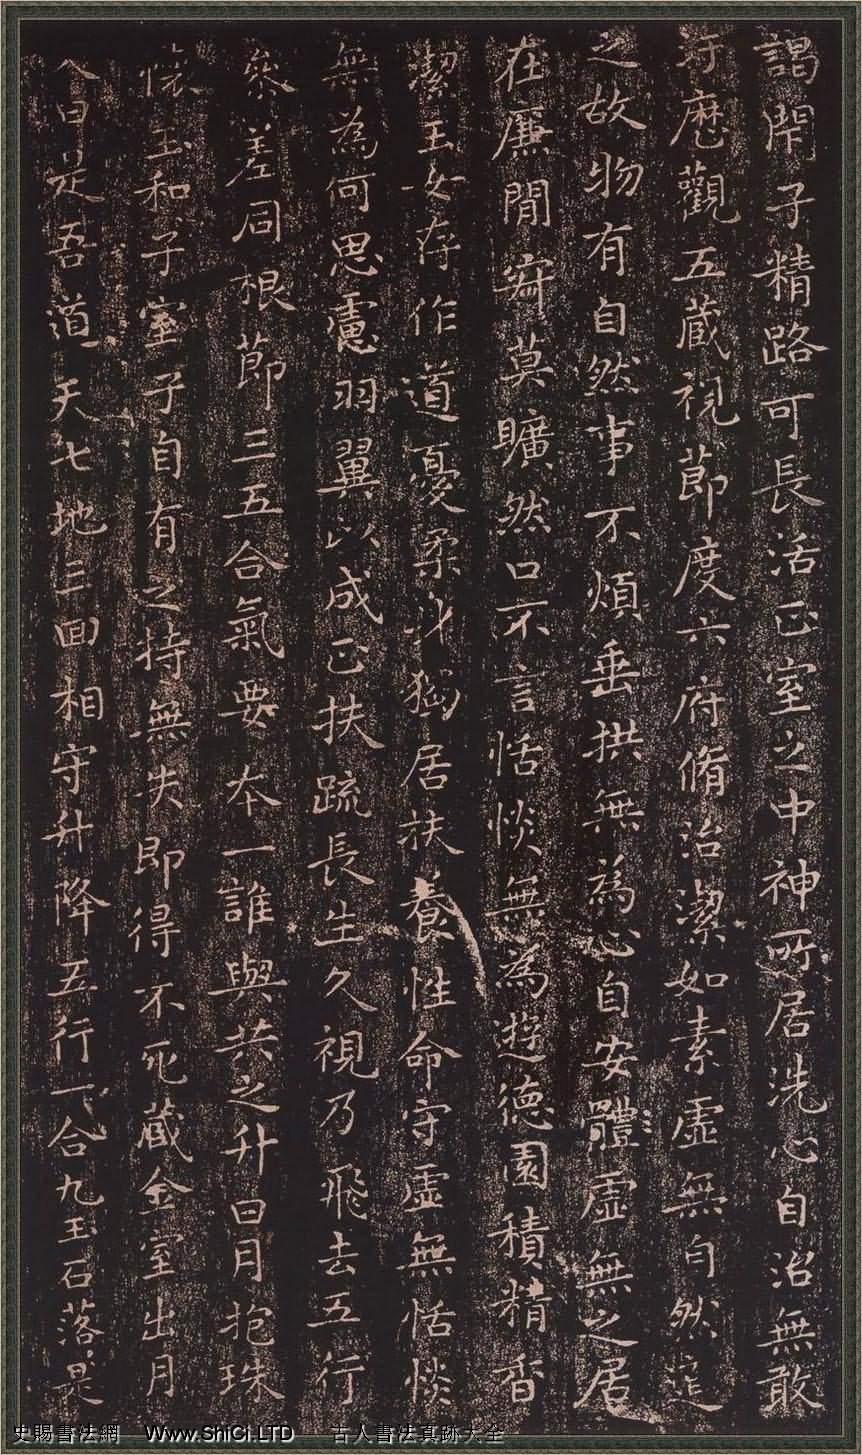 王羲之書法小楷真跡欣賞《黃庭經》(共7張圖片)